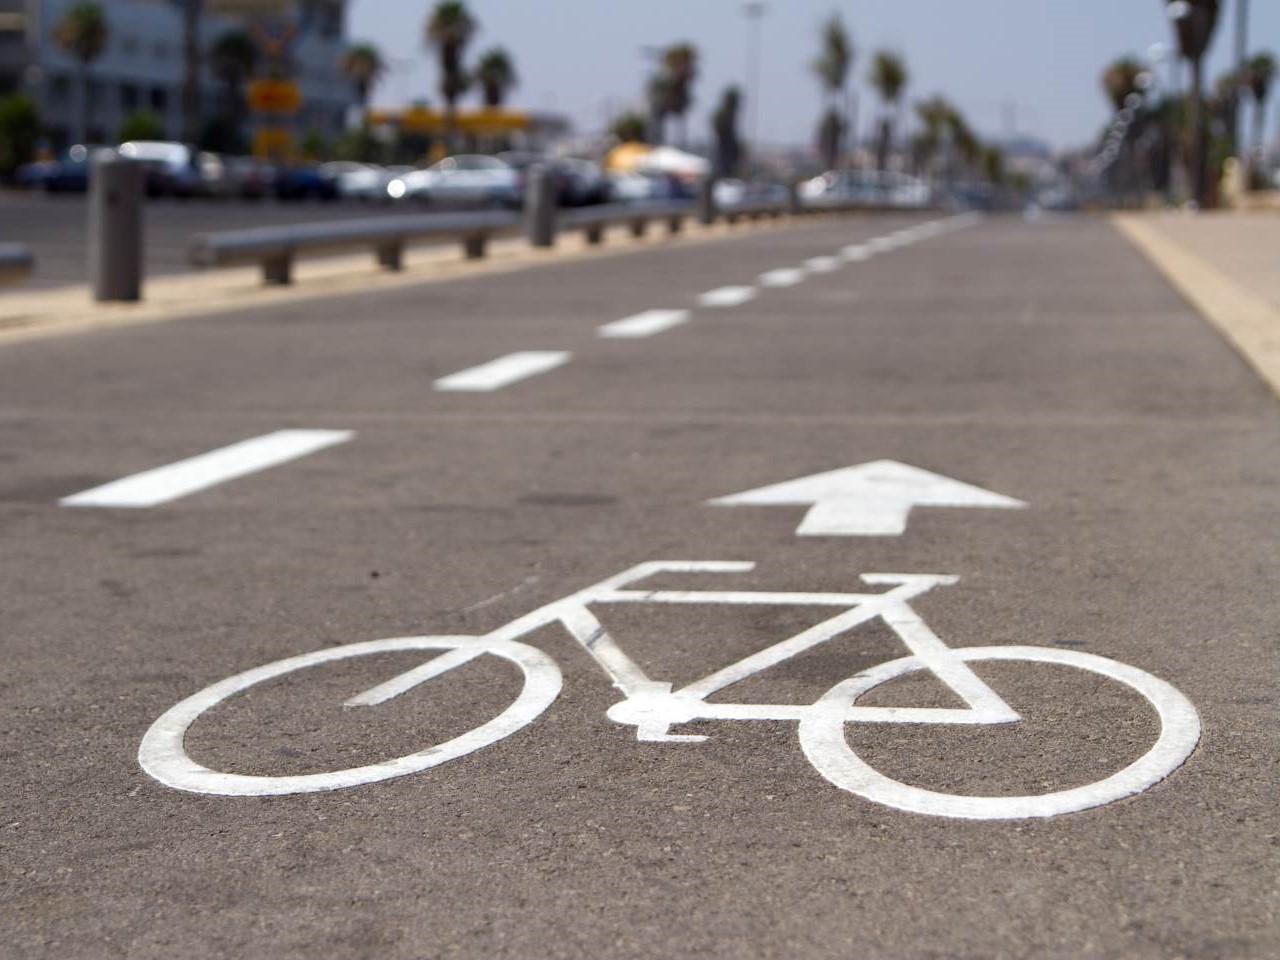 Radwegbenutzungspflicht: Was du als Radfahrer wissen musst